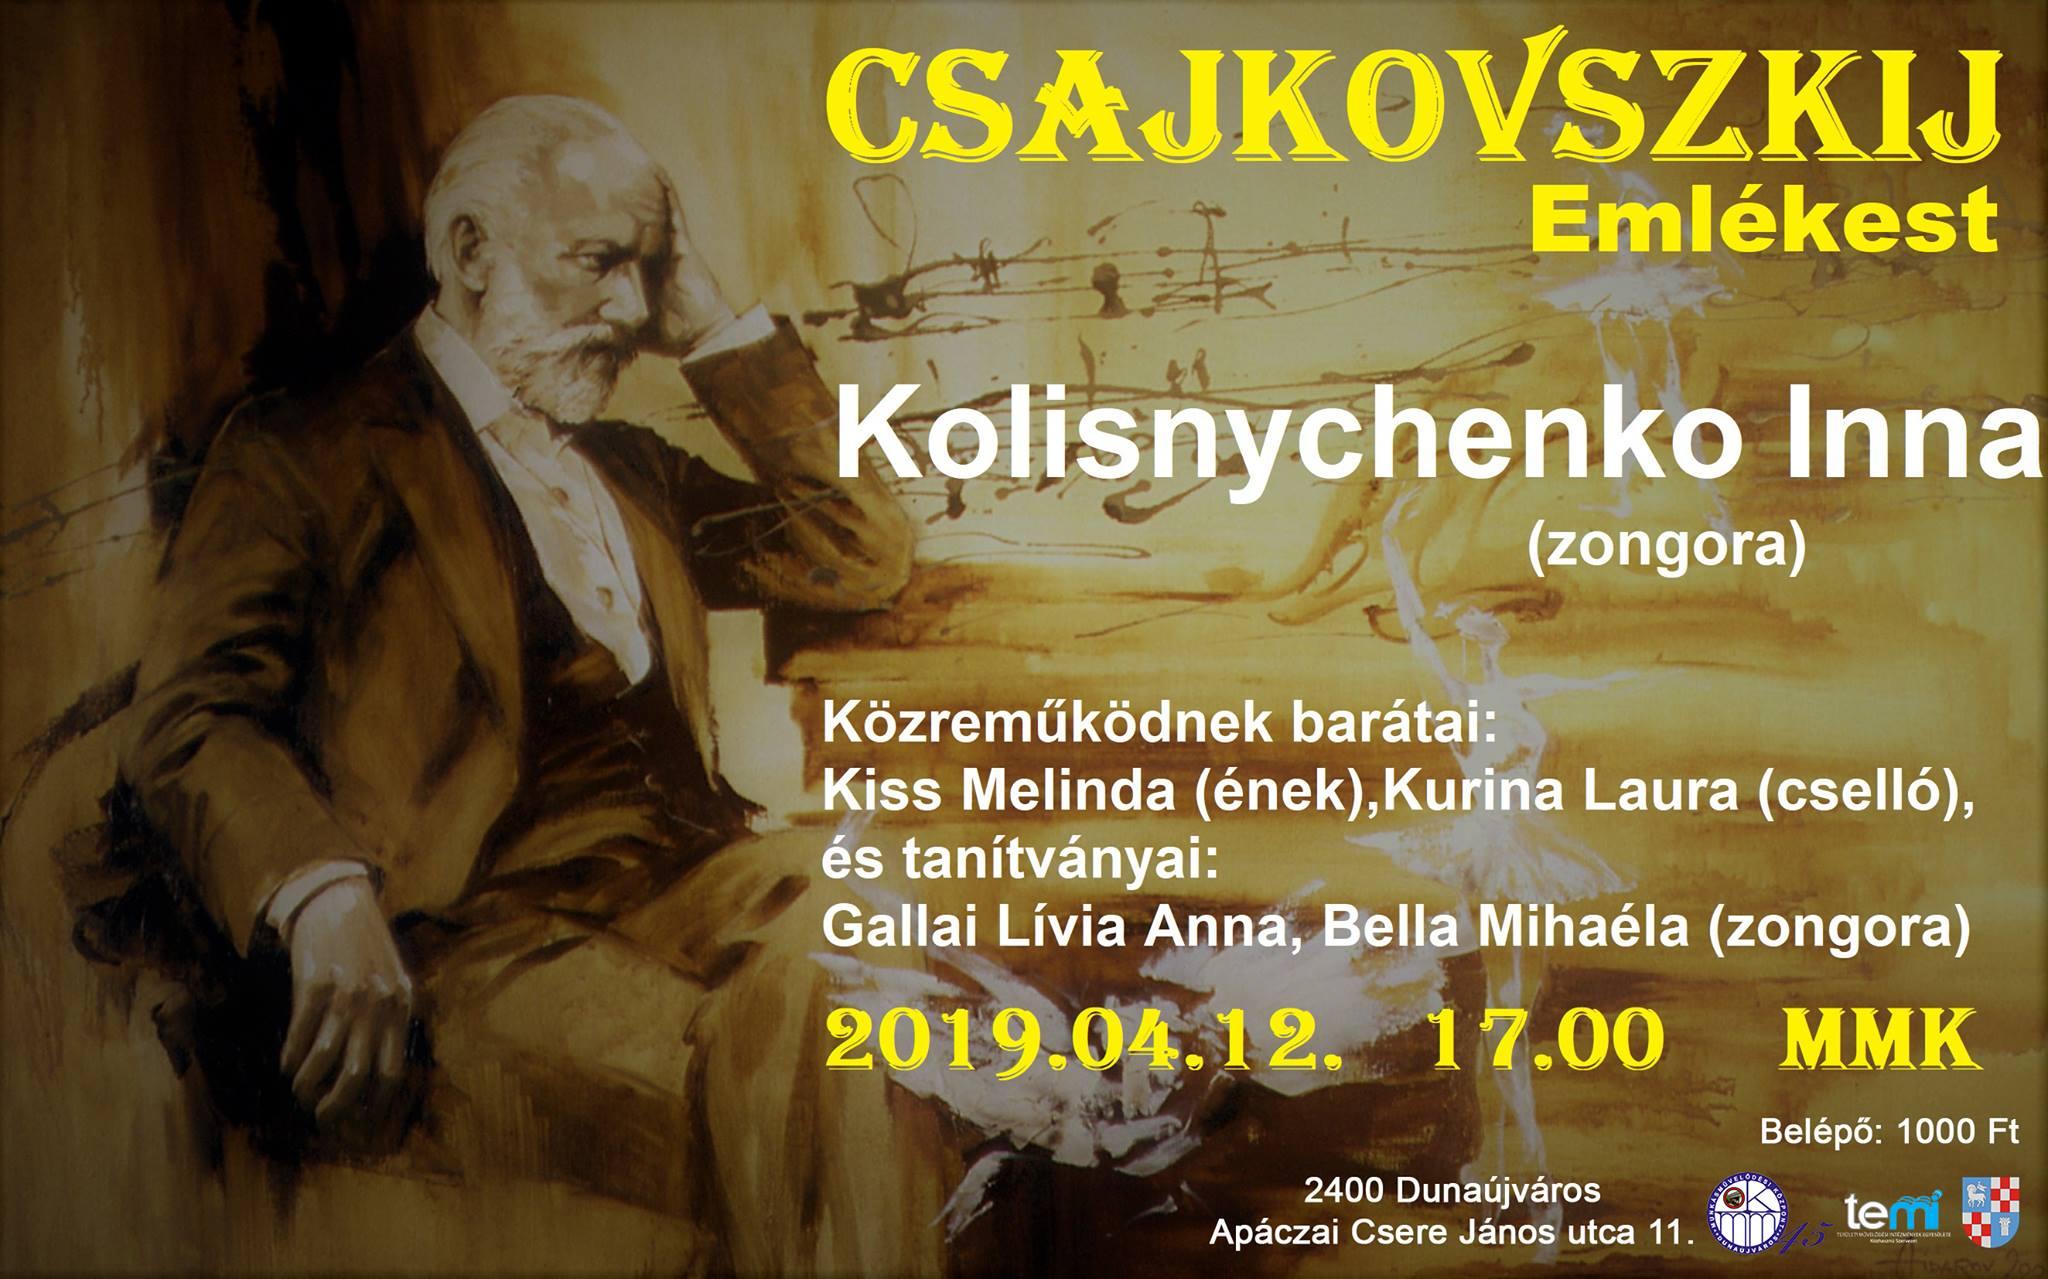 Csajkovszkij emlékest az MMK-ban!